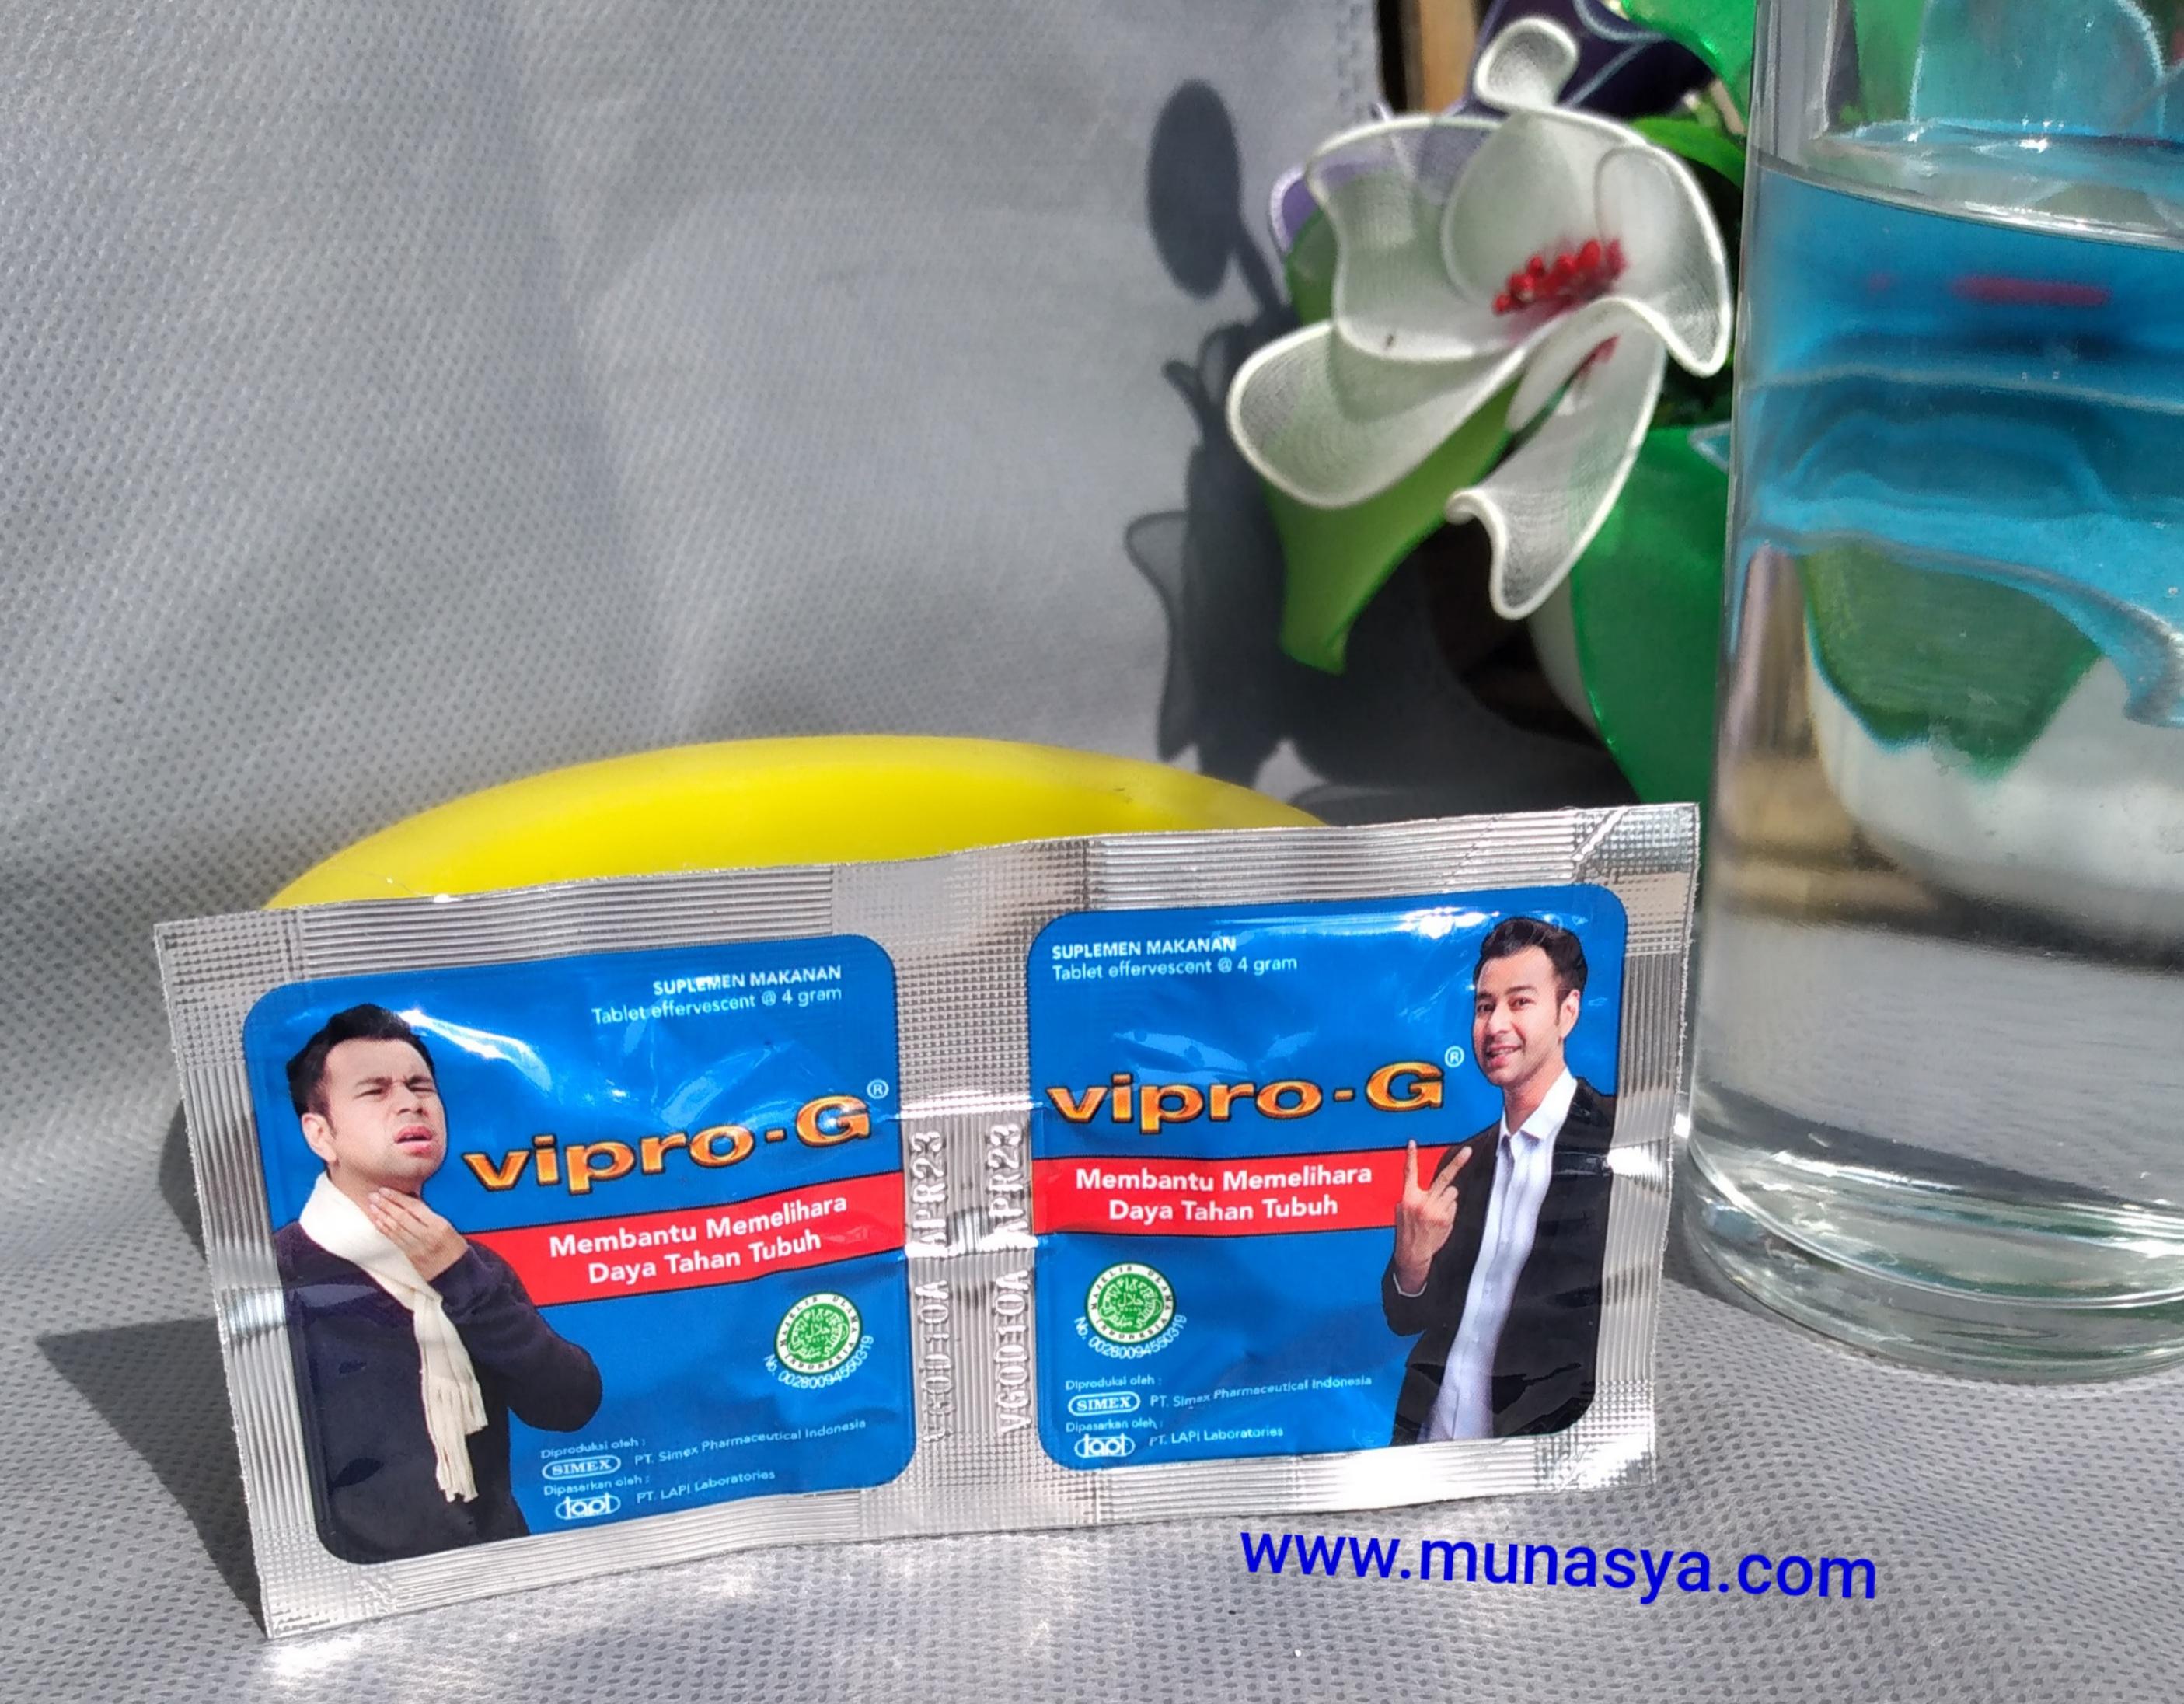 Vipro-G